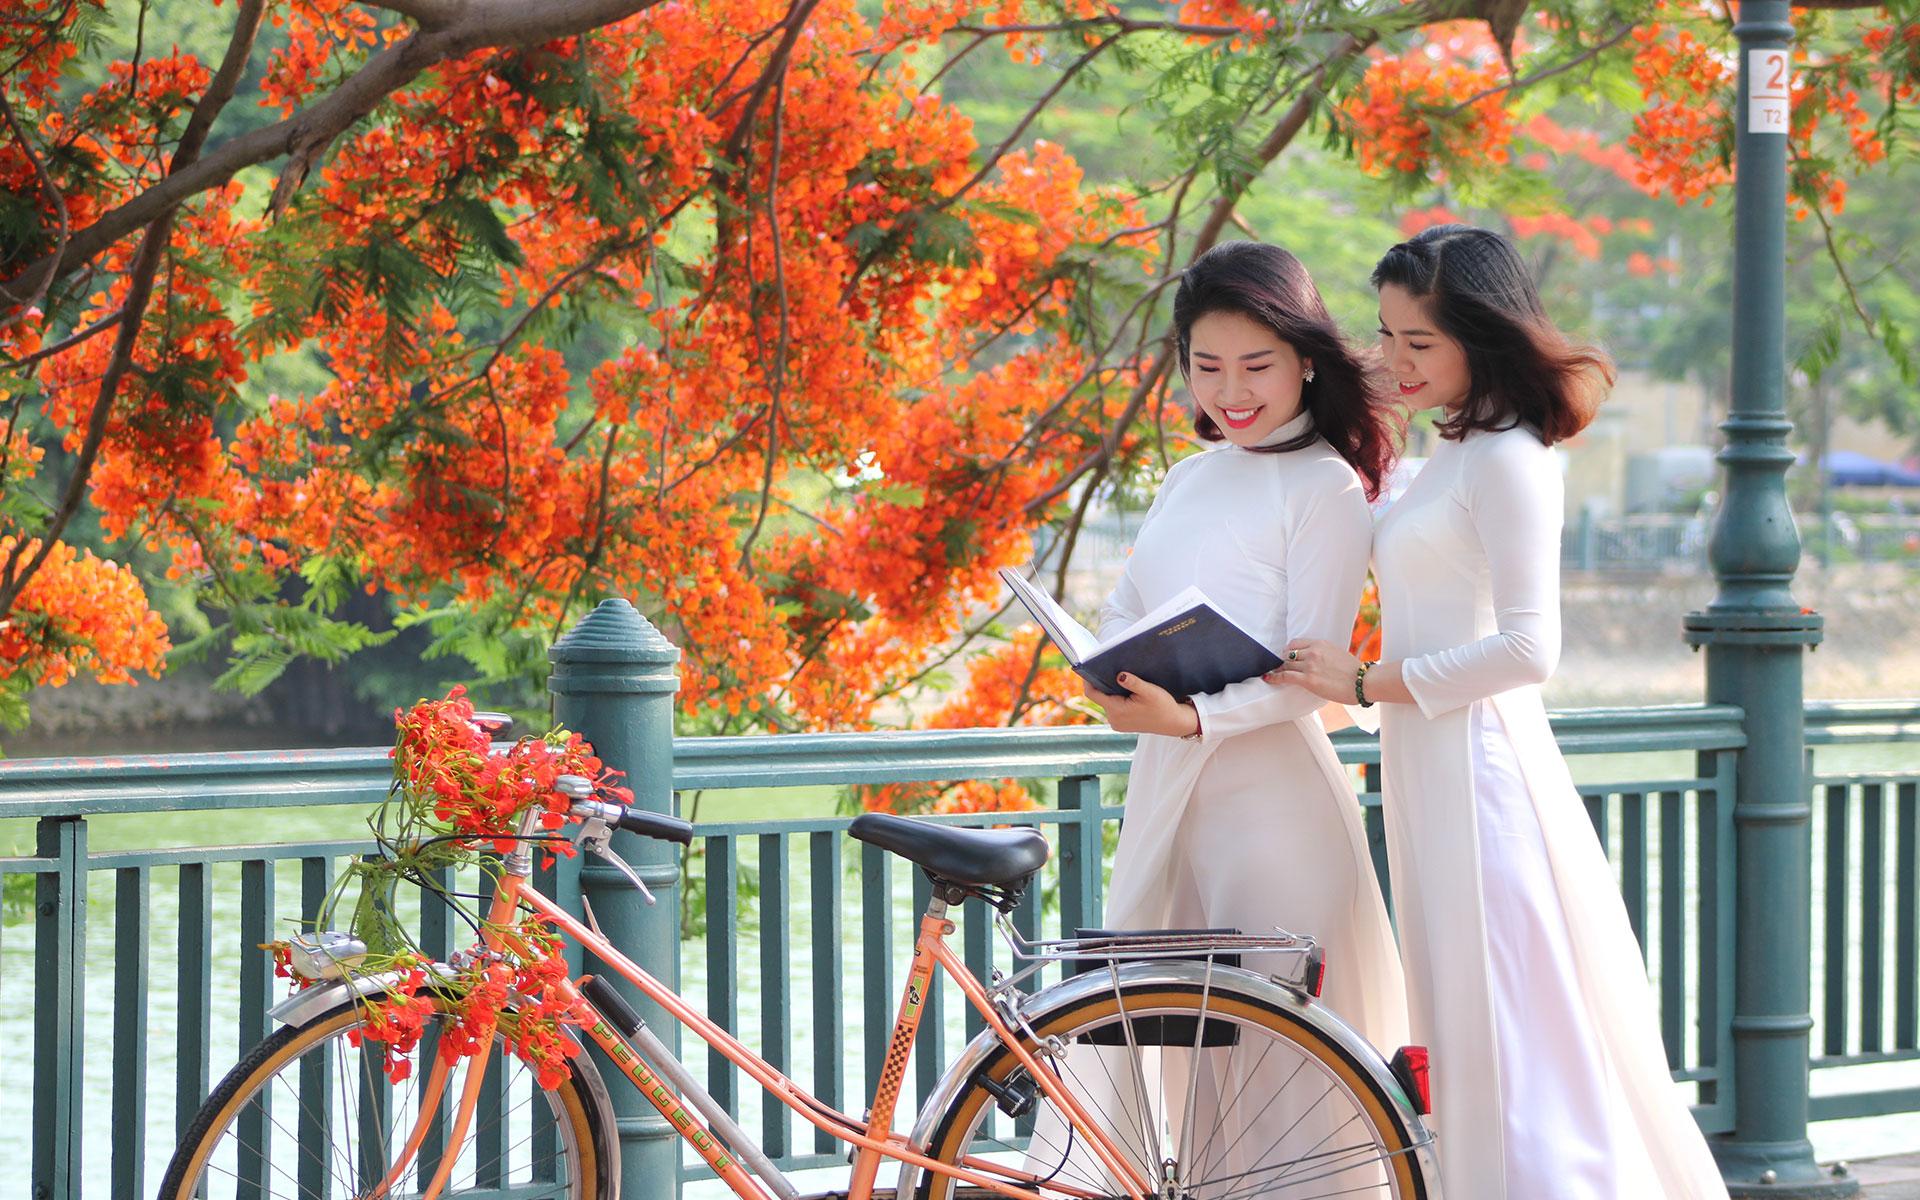 Liberation Day of Hai Phong (13 May) & Hoa Phuong Do Festival